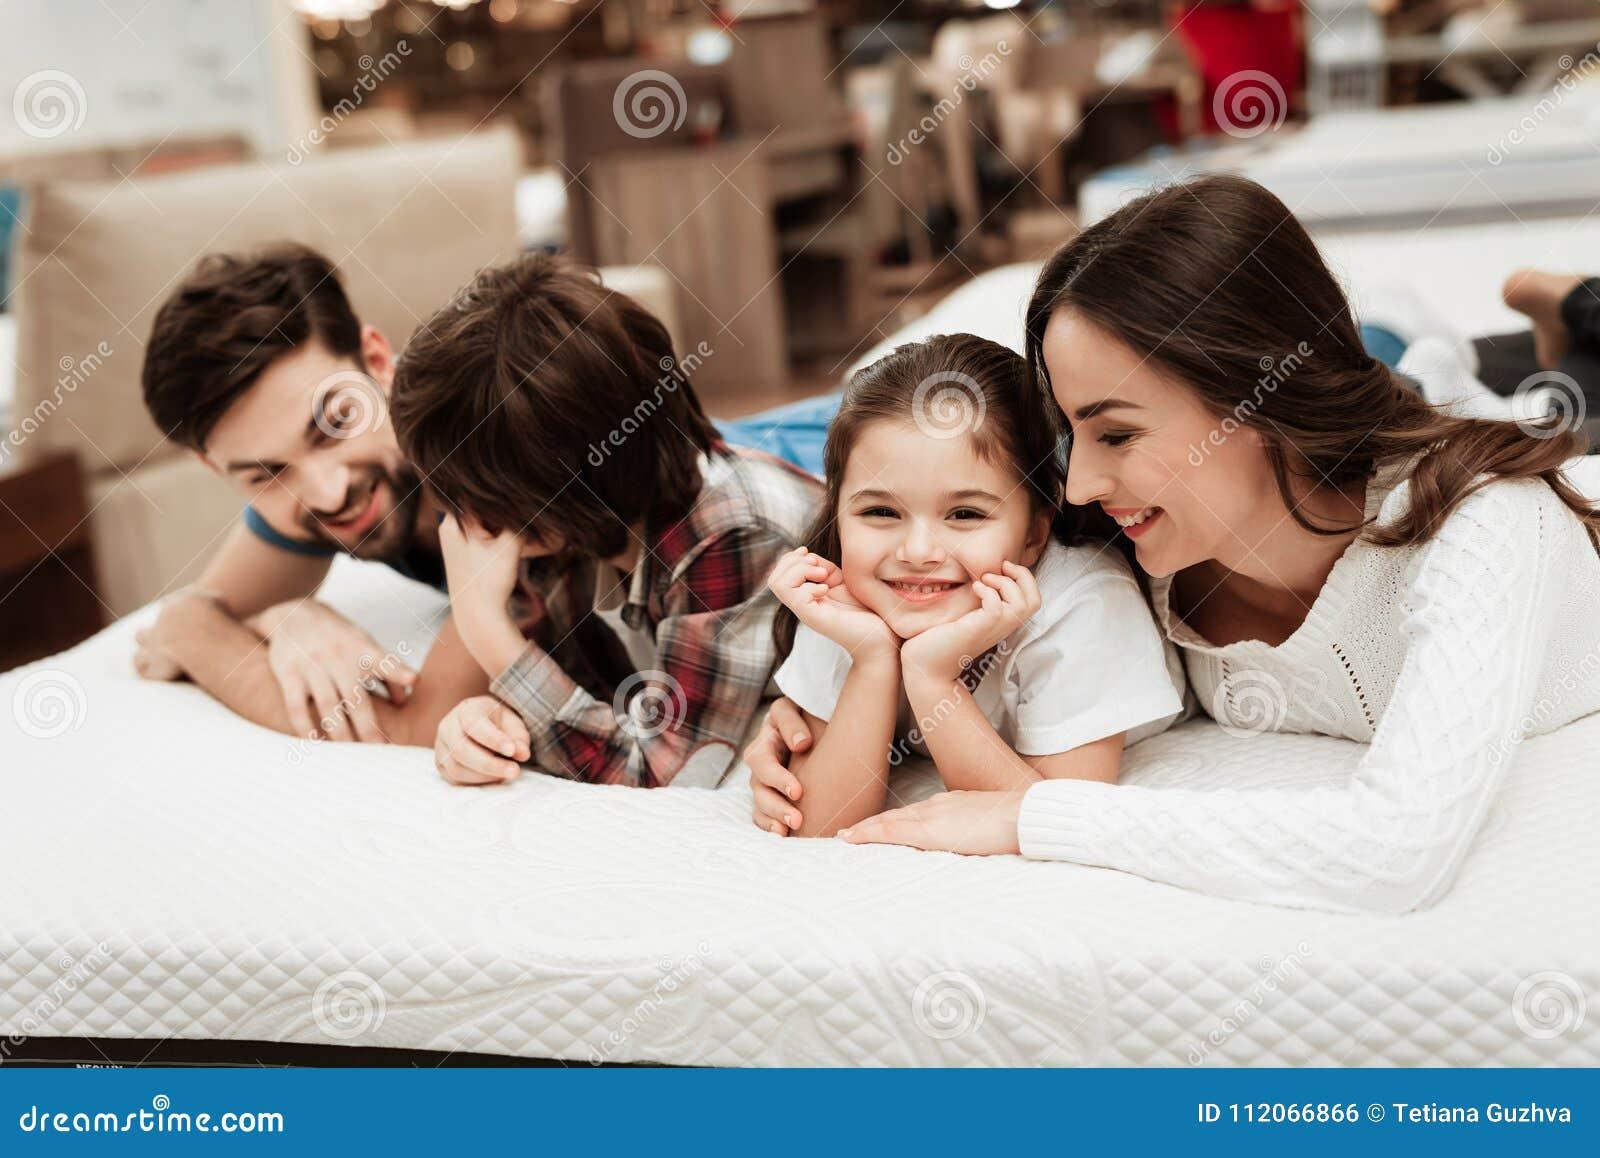 Junge Glückliche Familie überprüft Auf Der Weichheit Der